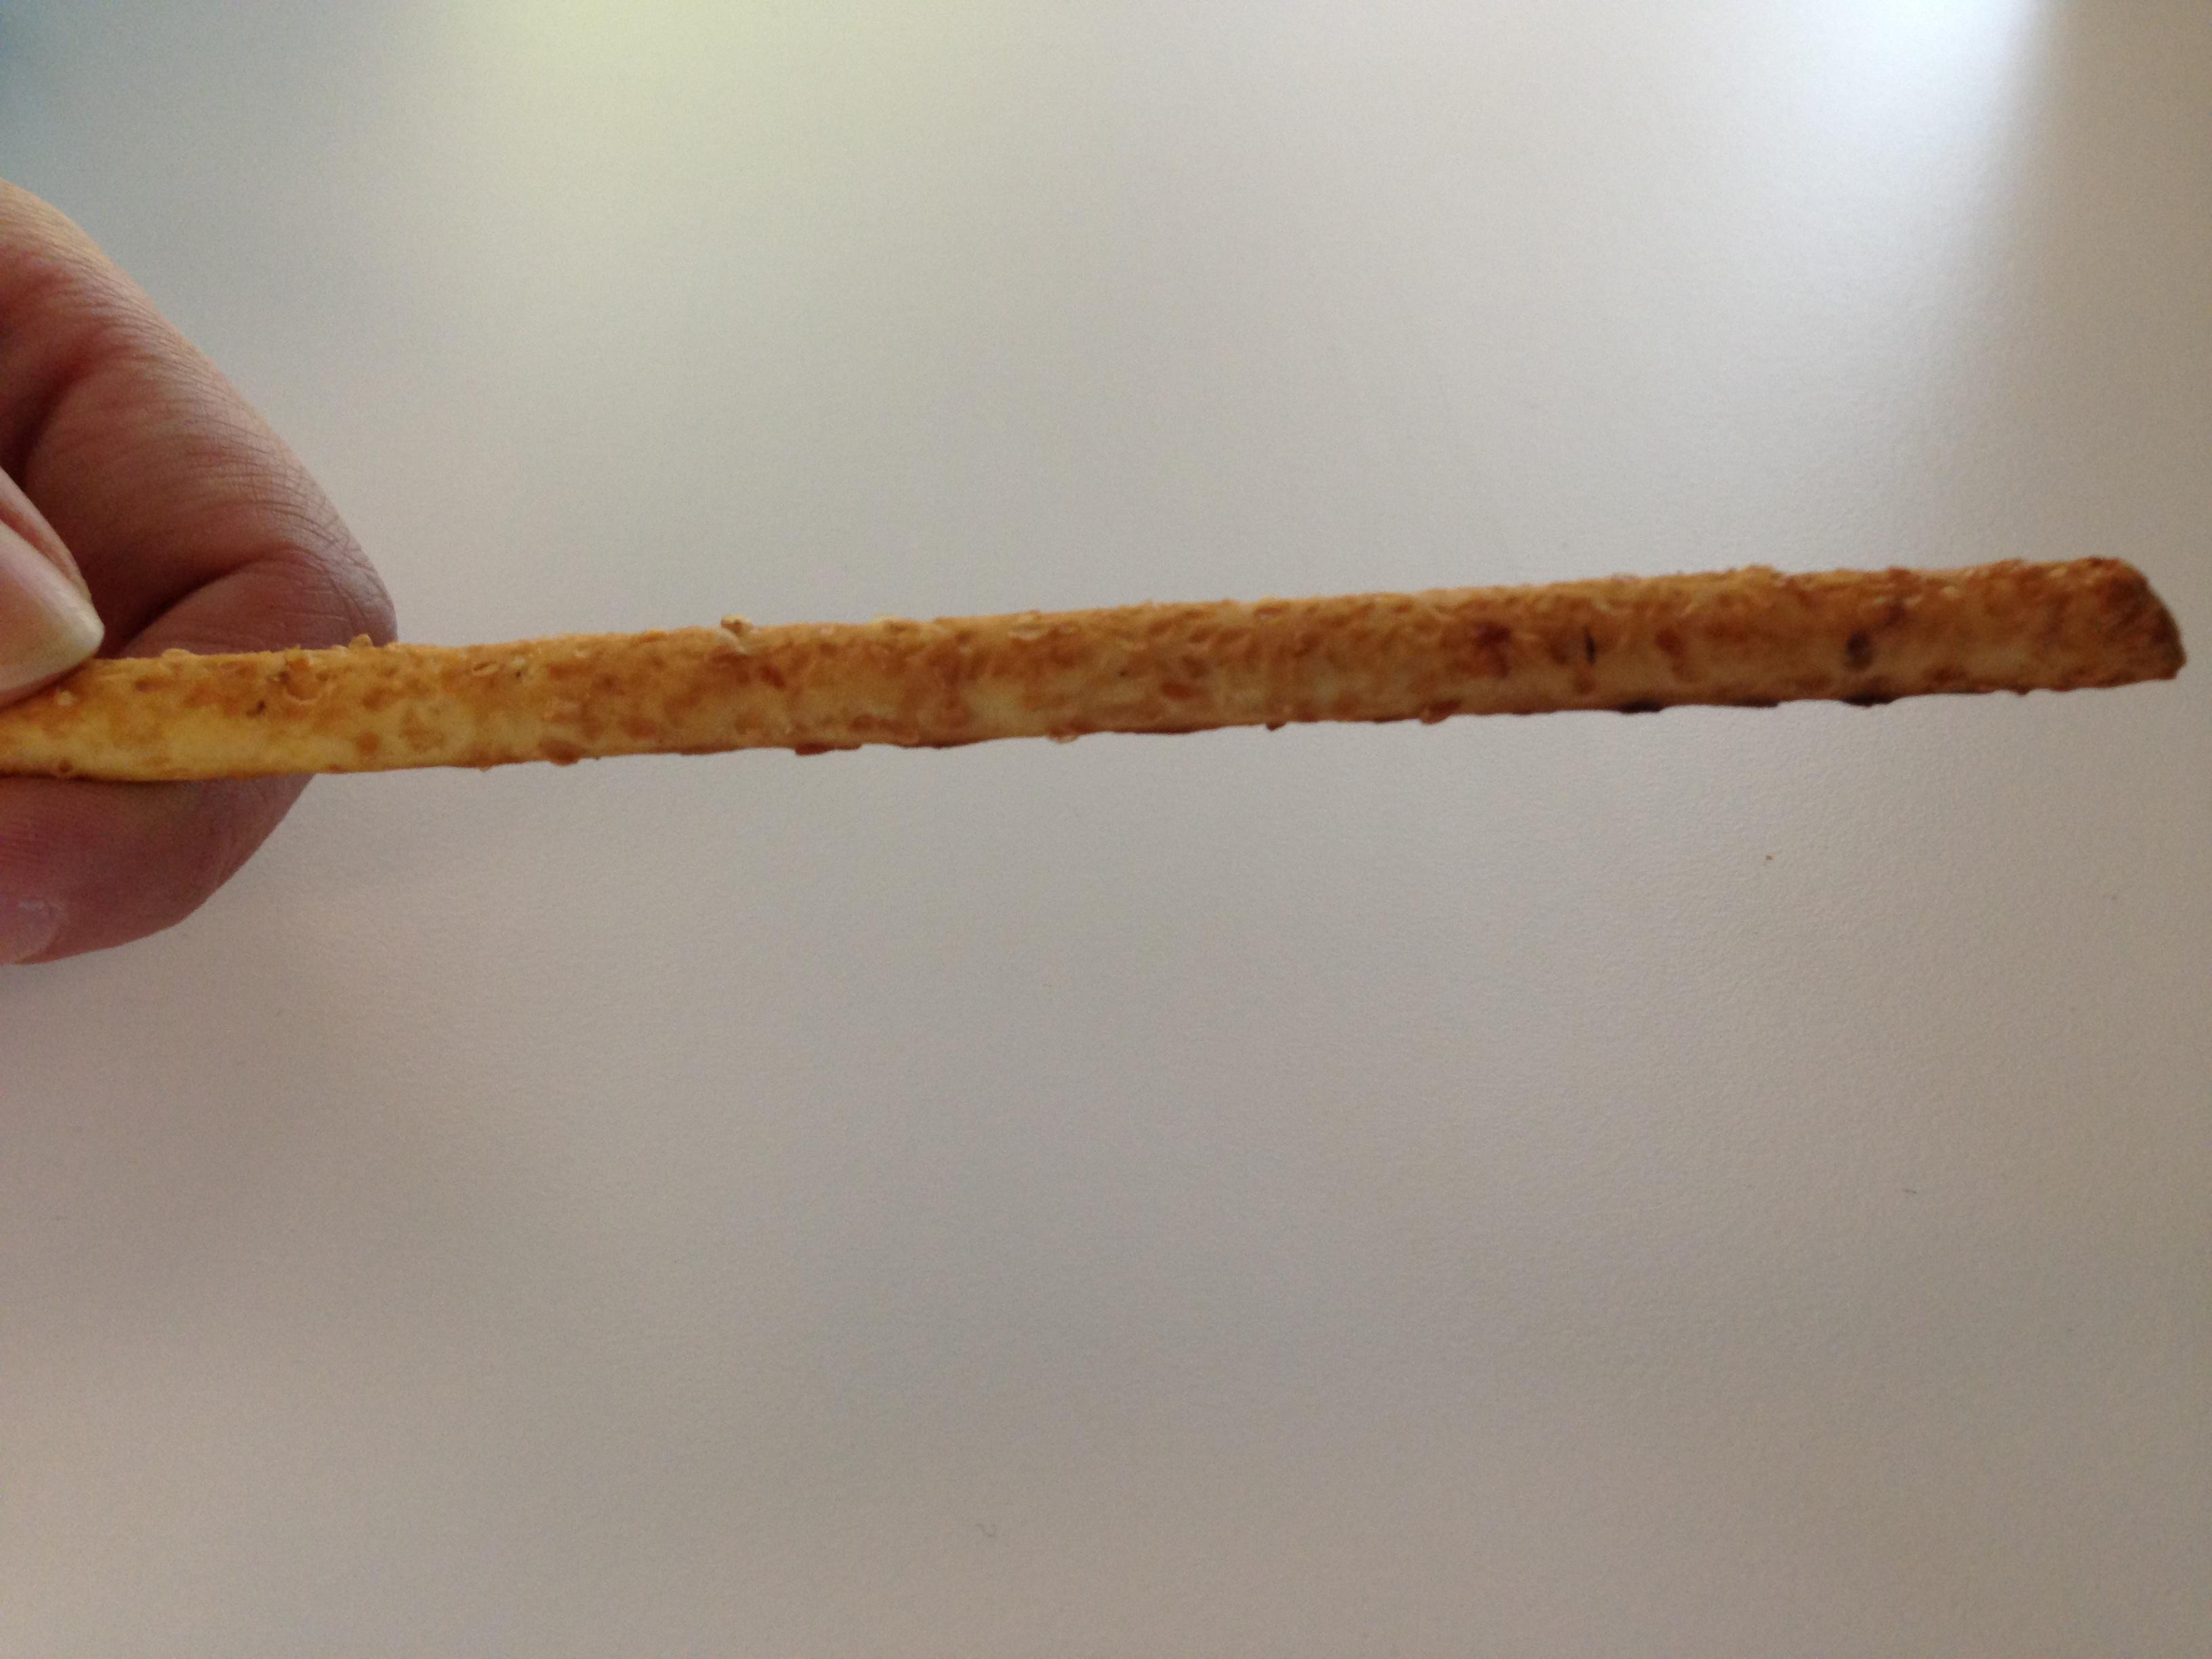 cubuk-kraker-susamsiz